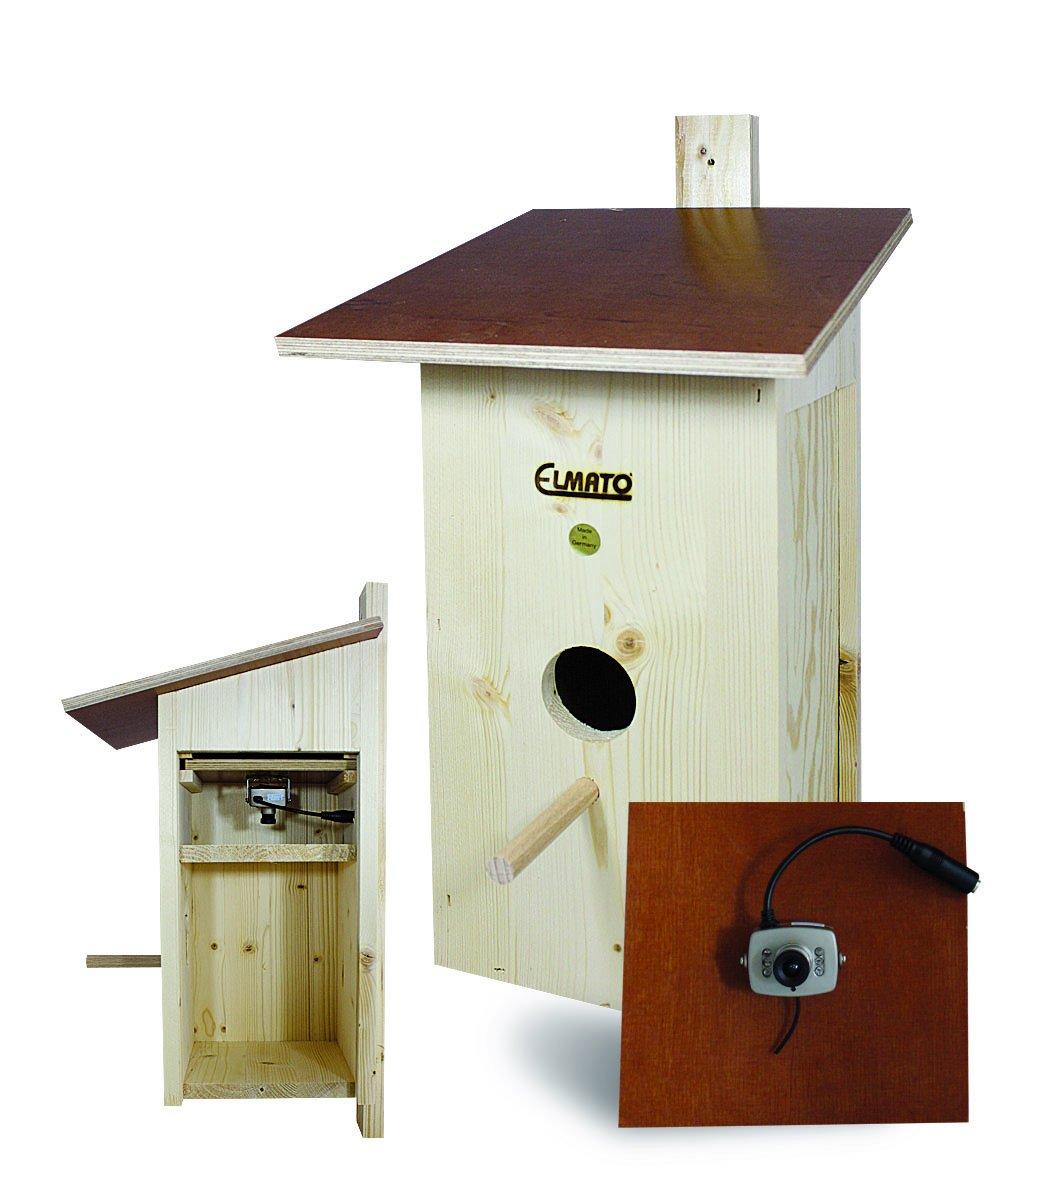 Elmato 10183 Vogelhaus mit Funk - Kamera